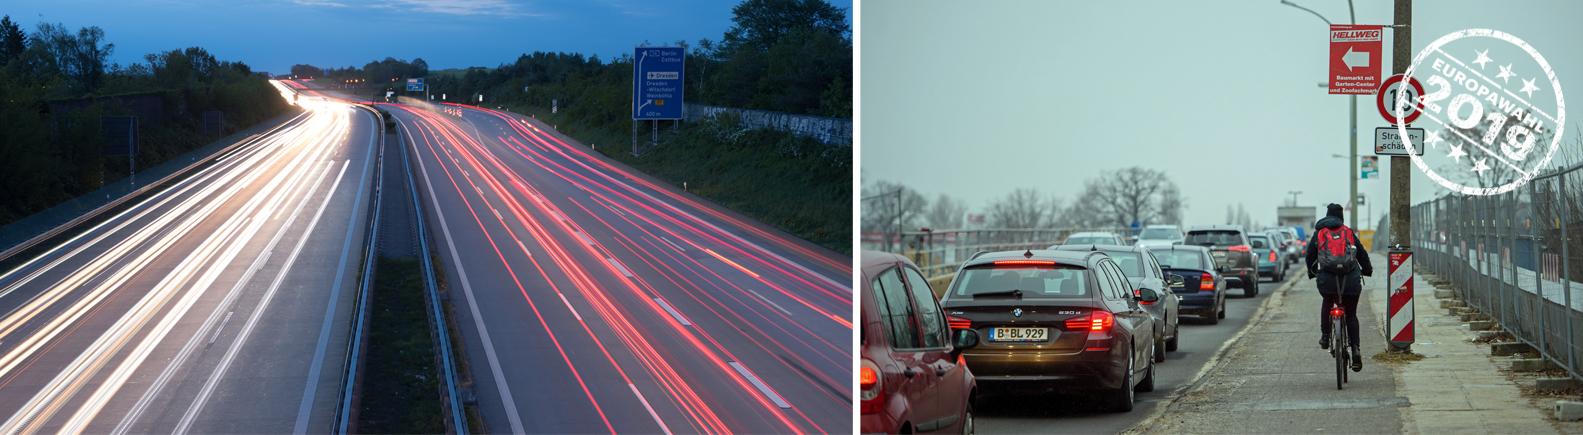 Autobahn in der Nähe Berlins und Radfahrerin neben einer stehenden Autokolonne